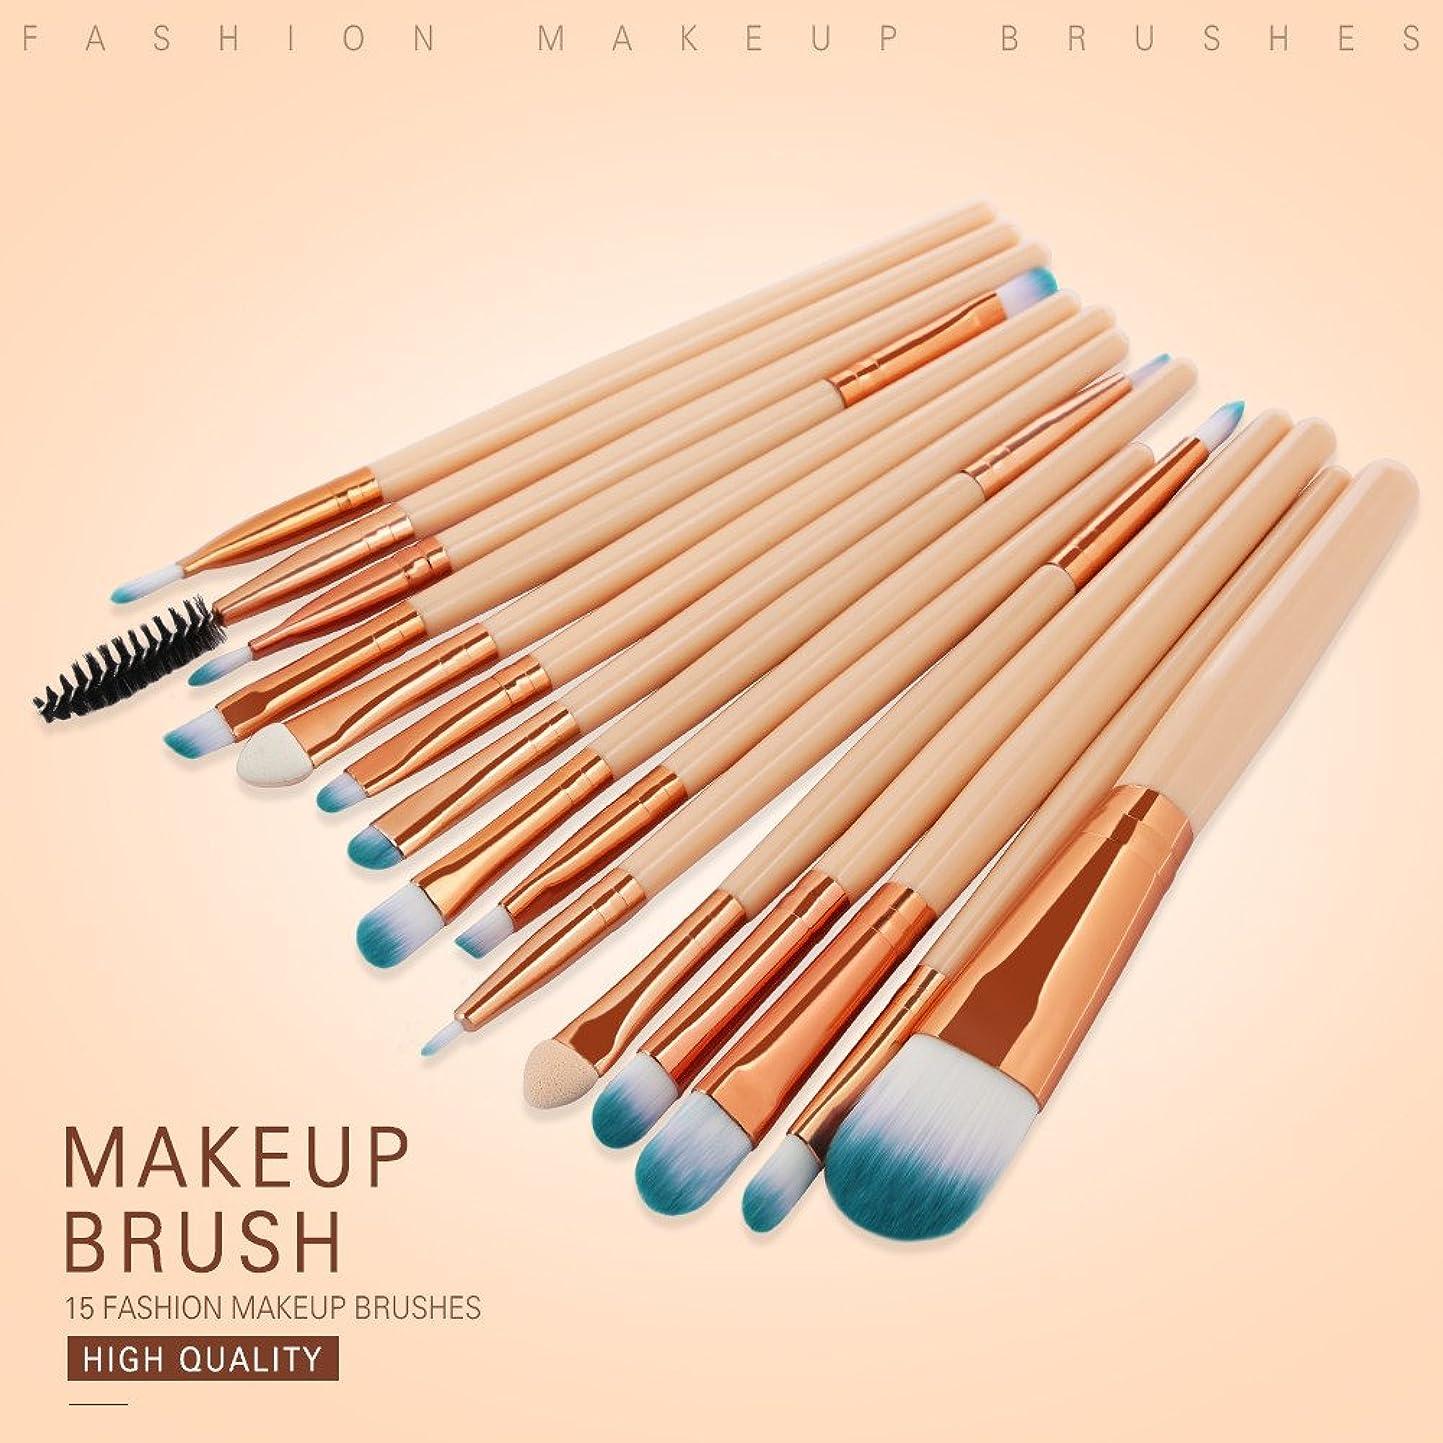 スラム仲介者文庫本Akane 15本 MAANGE 新しい 高級 美感 おしゃれ 多機能 アイブラシ ファッション たっぷり 上等 綺麗 柔らかい 激安 日常 仕事 Makeup Brush メイクアップブラシ 5168